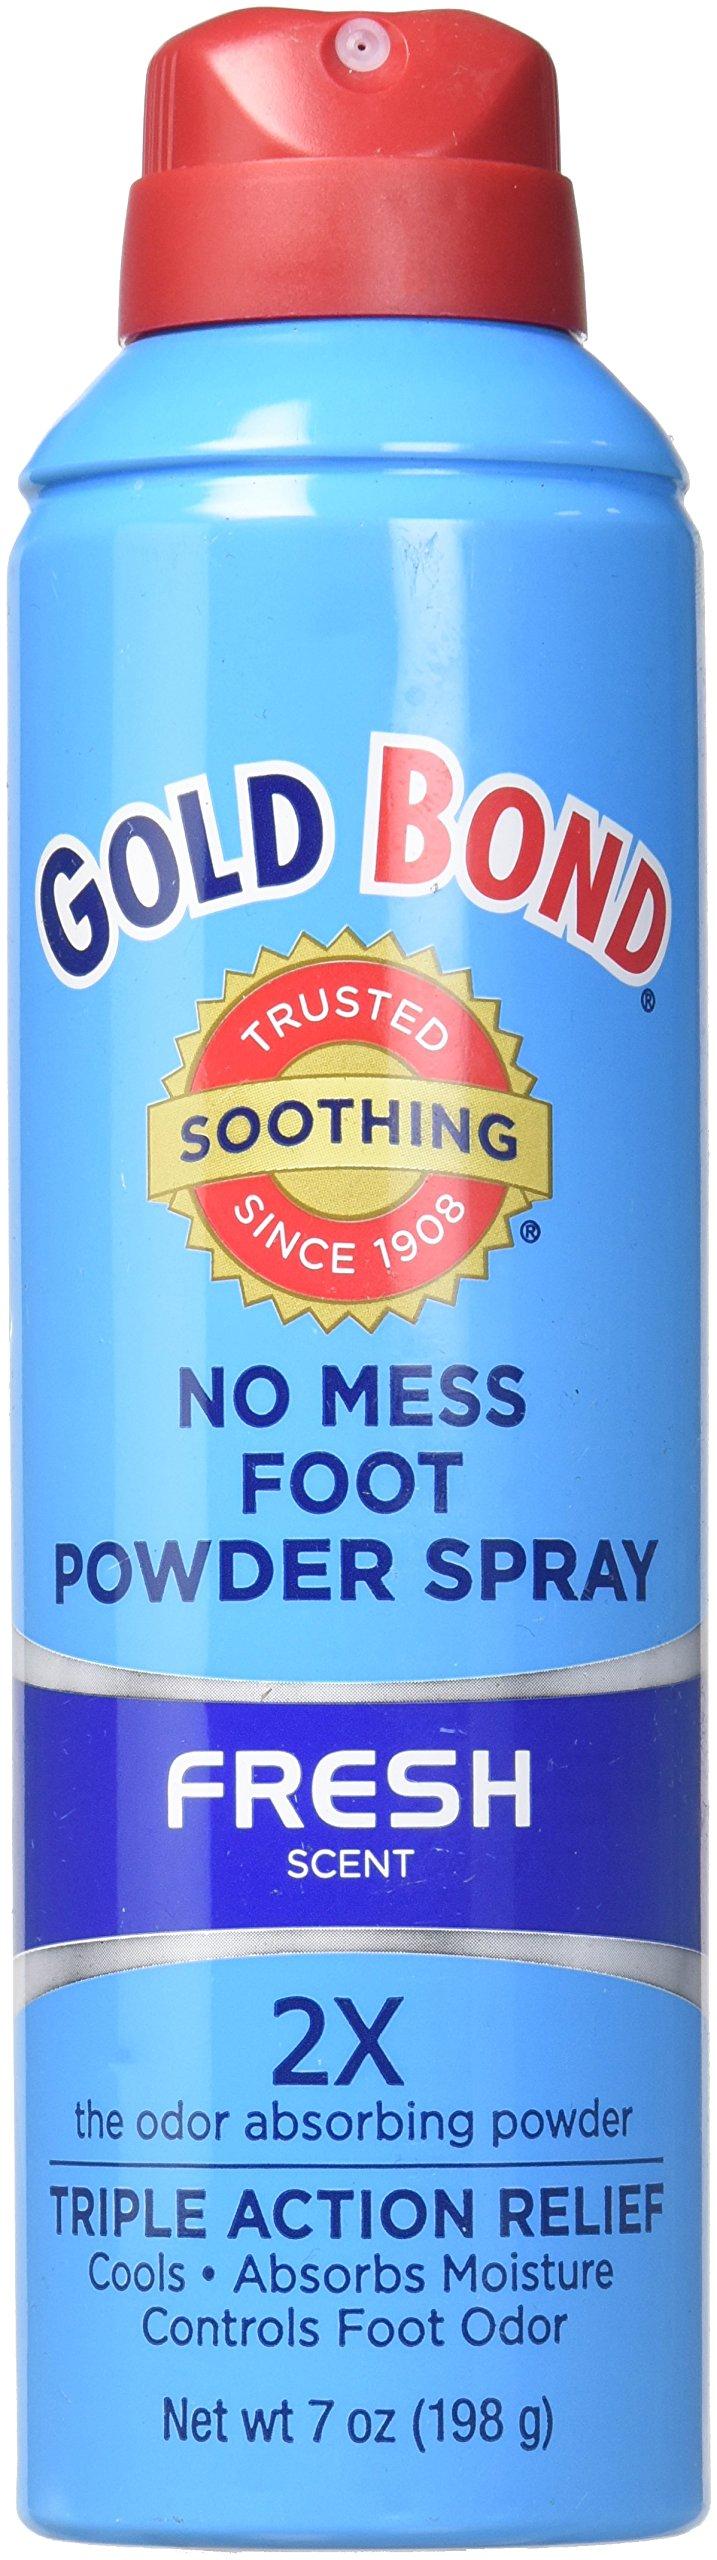 Gold Bond Foot Spray 7z, No Mess, Medium (Pack of 4)